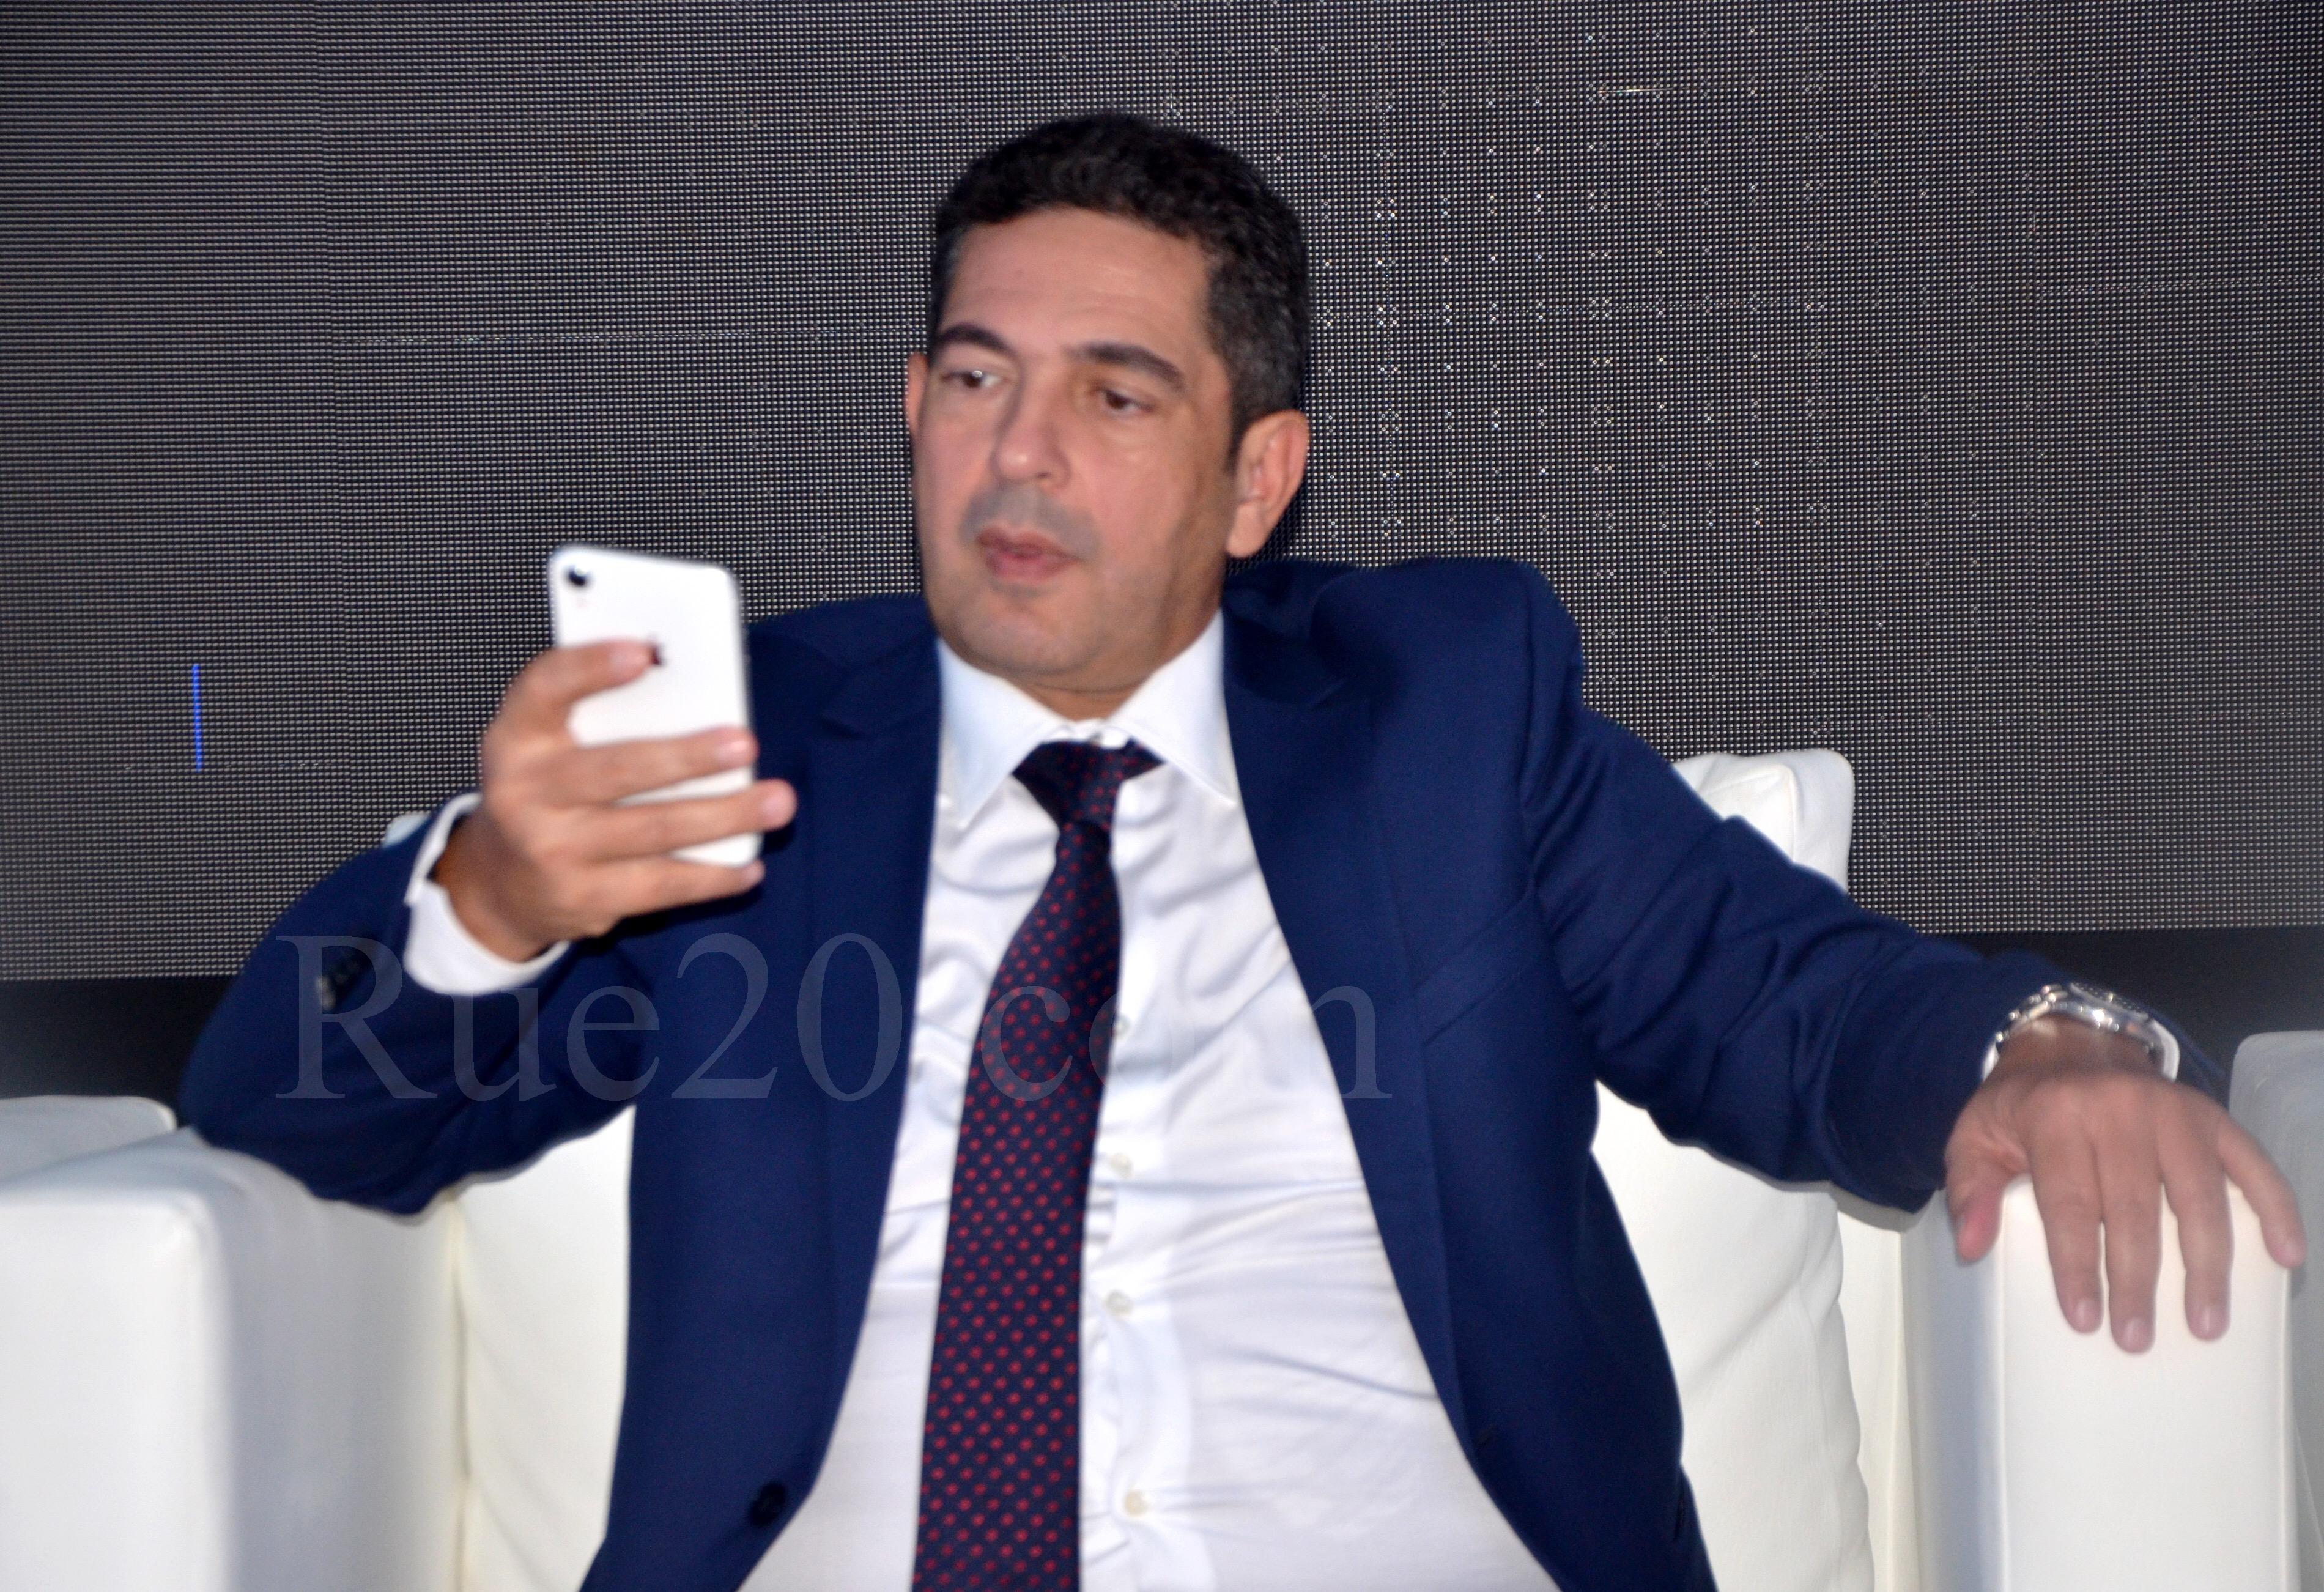 أمزازي يستنجدُ بالإتحاد الأوربي مُعترفاً بفشل التكوين البيداغوجي بالمغرب